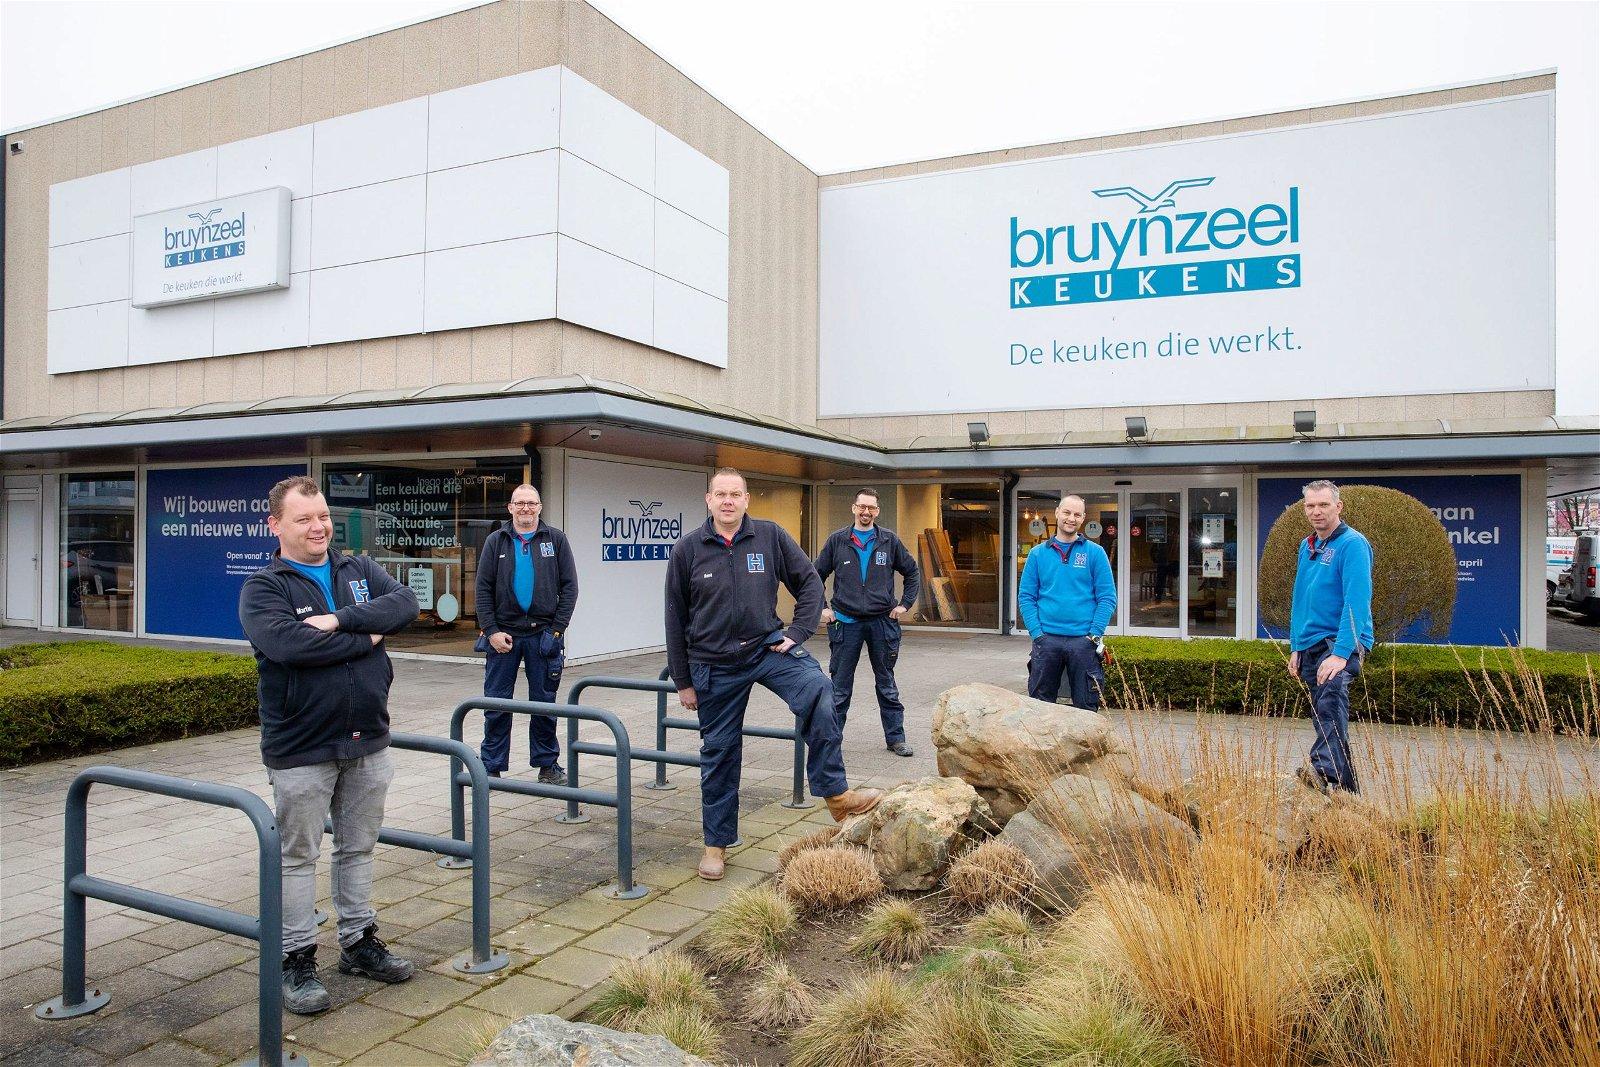 Hoppenbrouwers Bruynzeel Keukens Breda